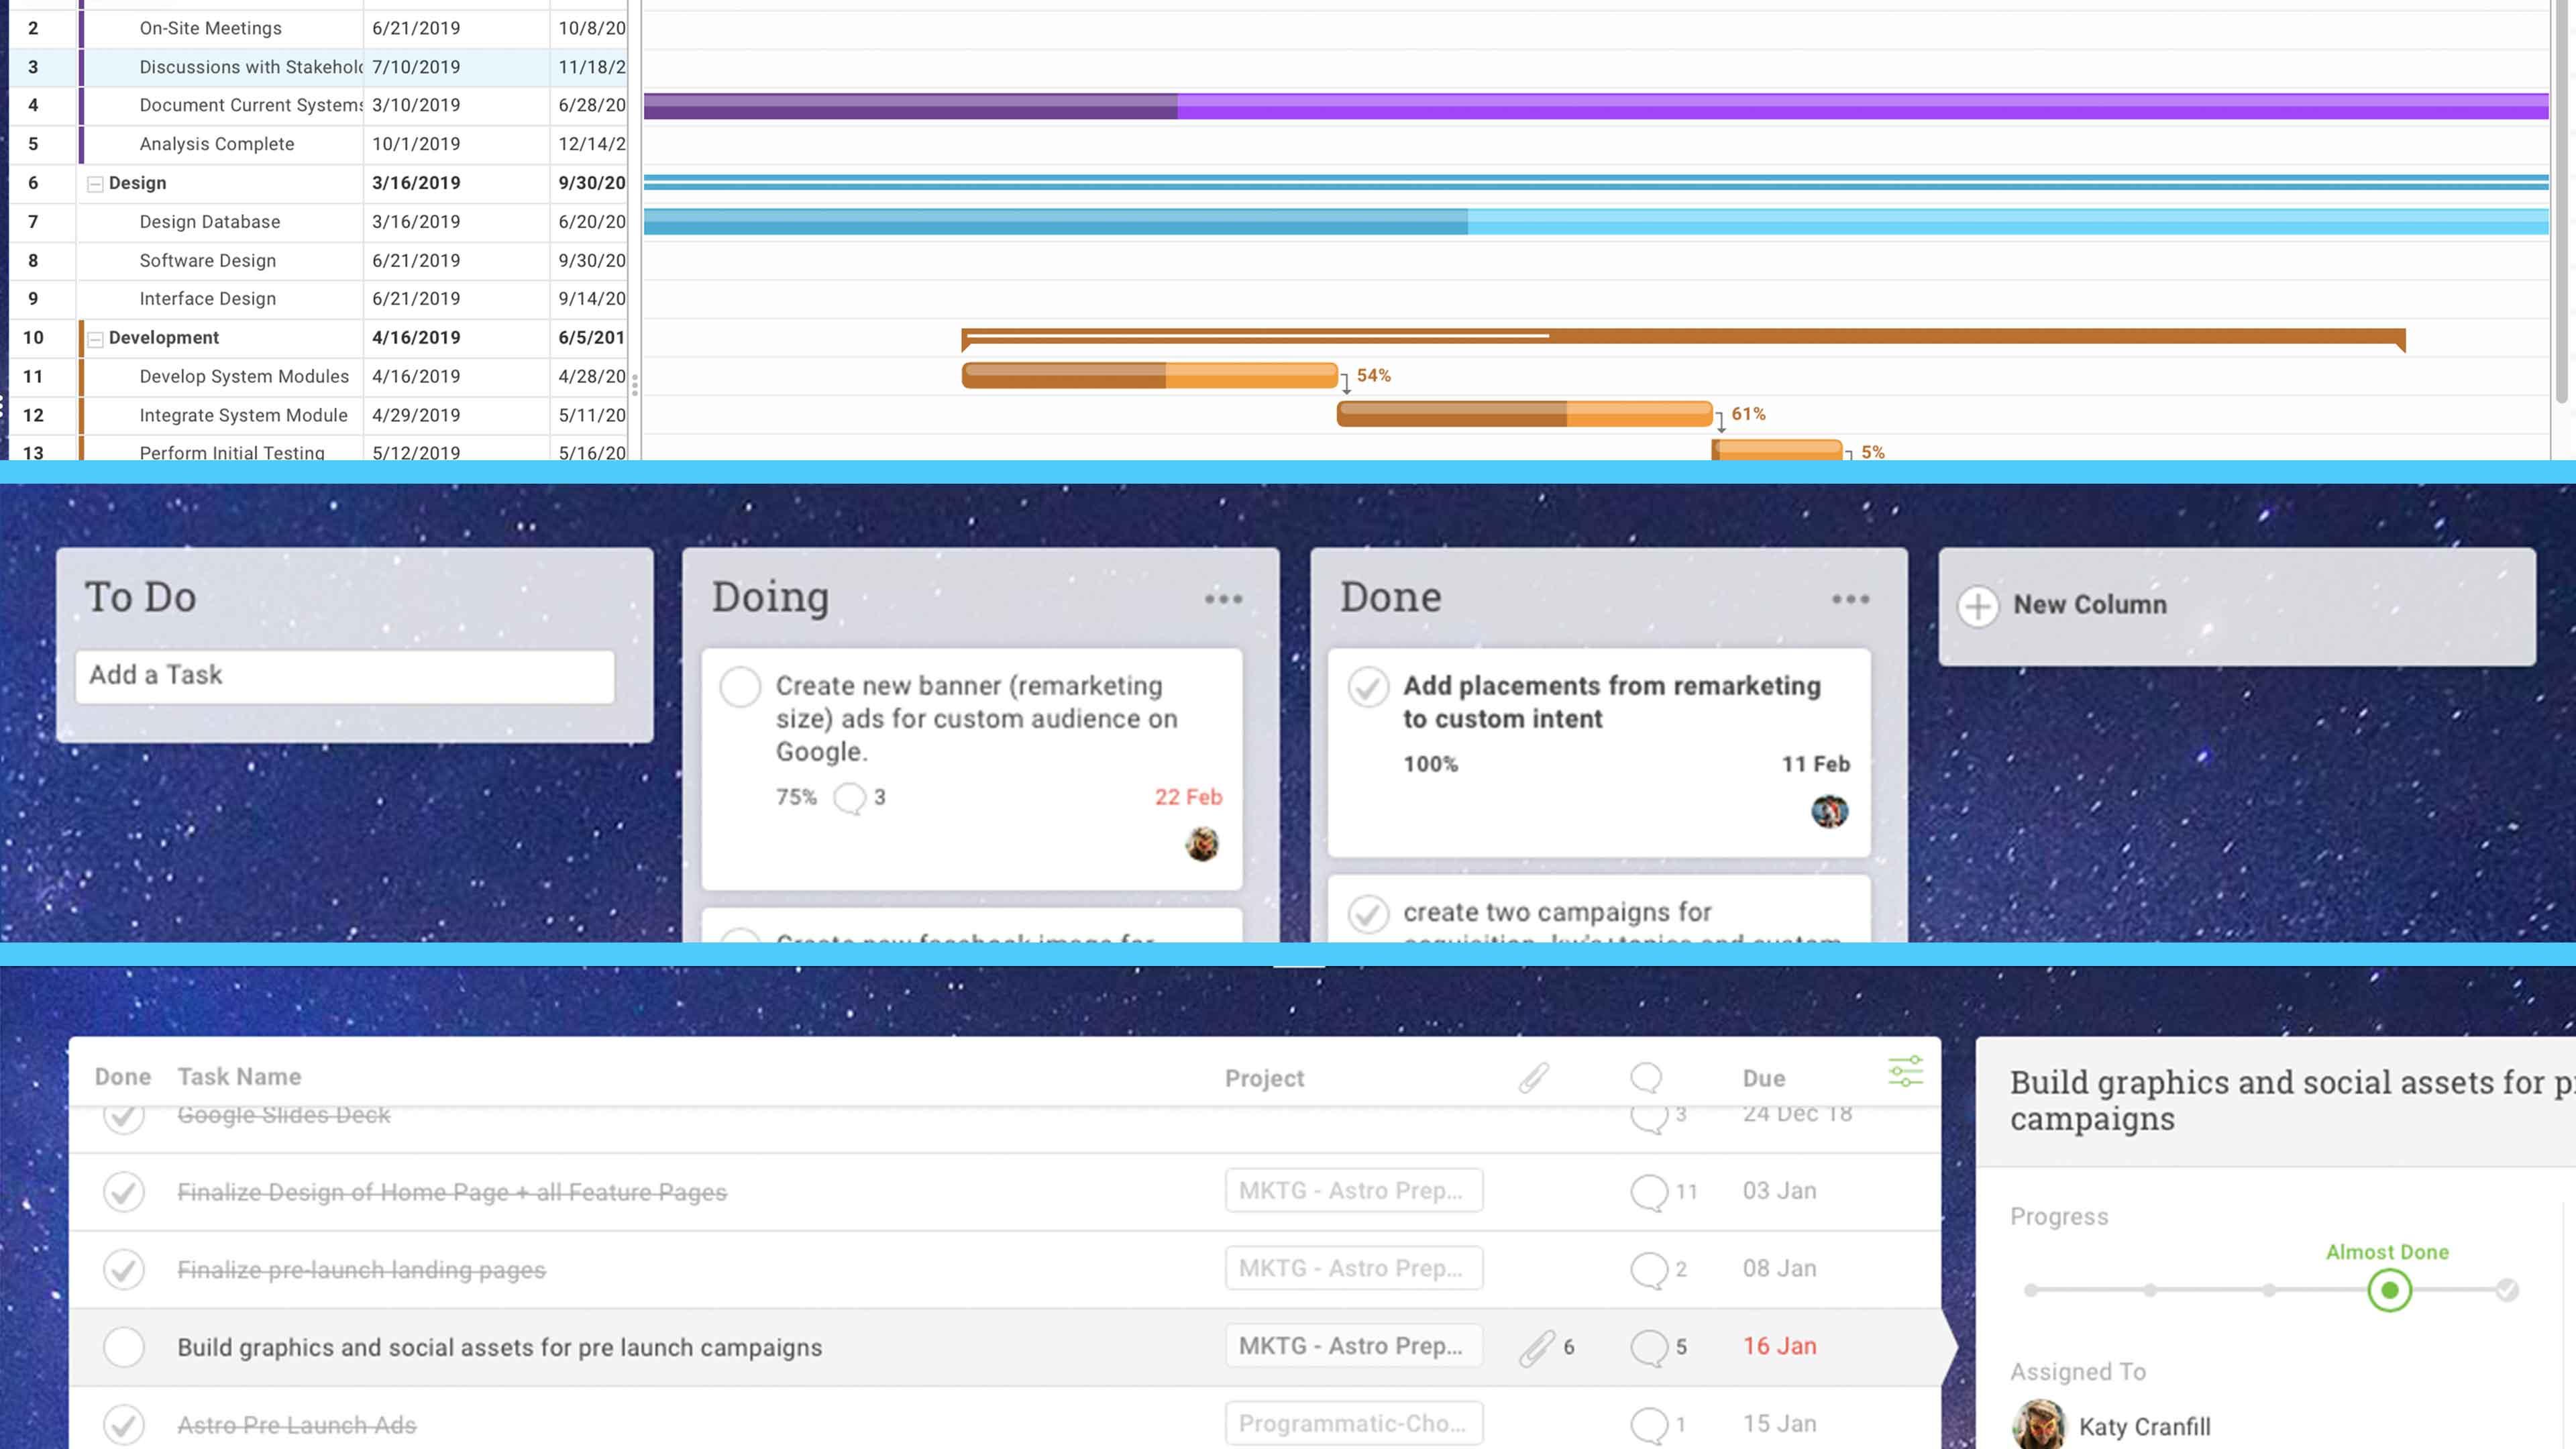 diagrama de Gantt, tabla kanban y listas de tareas en software kanban